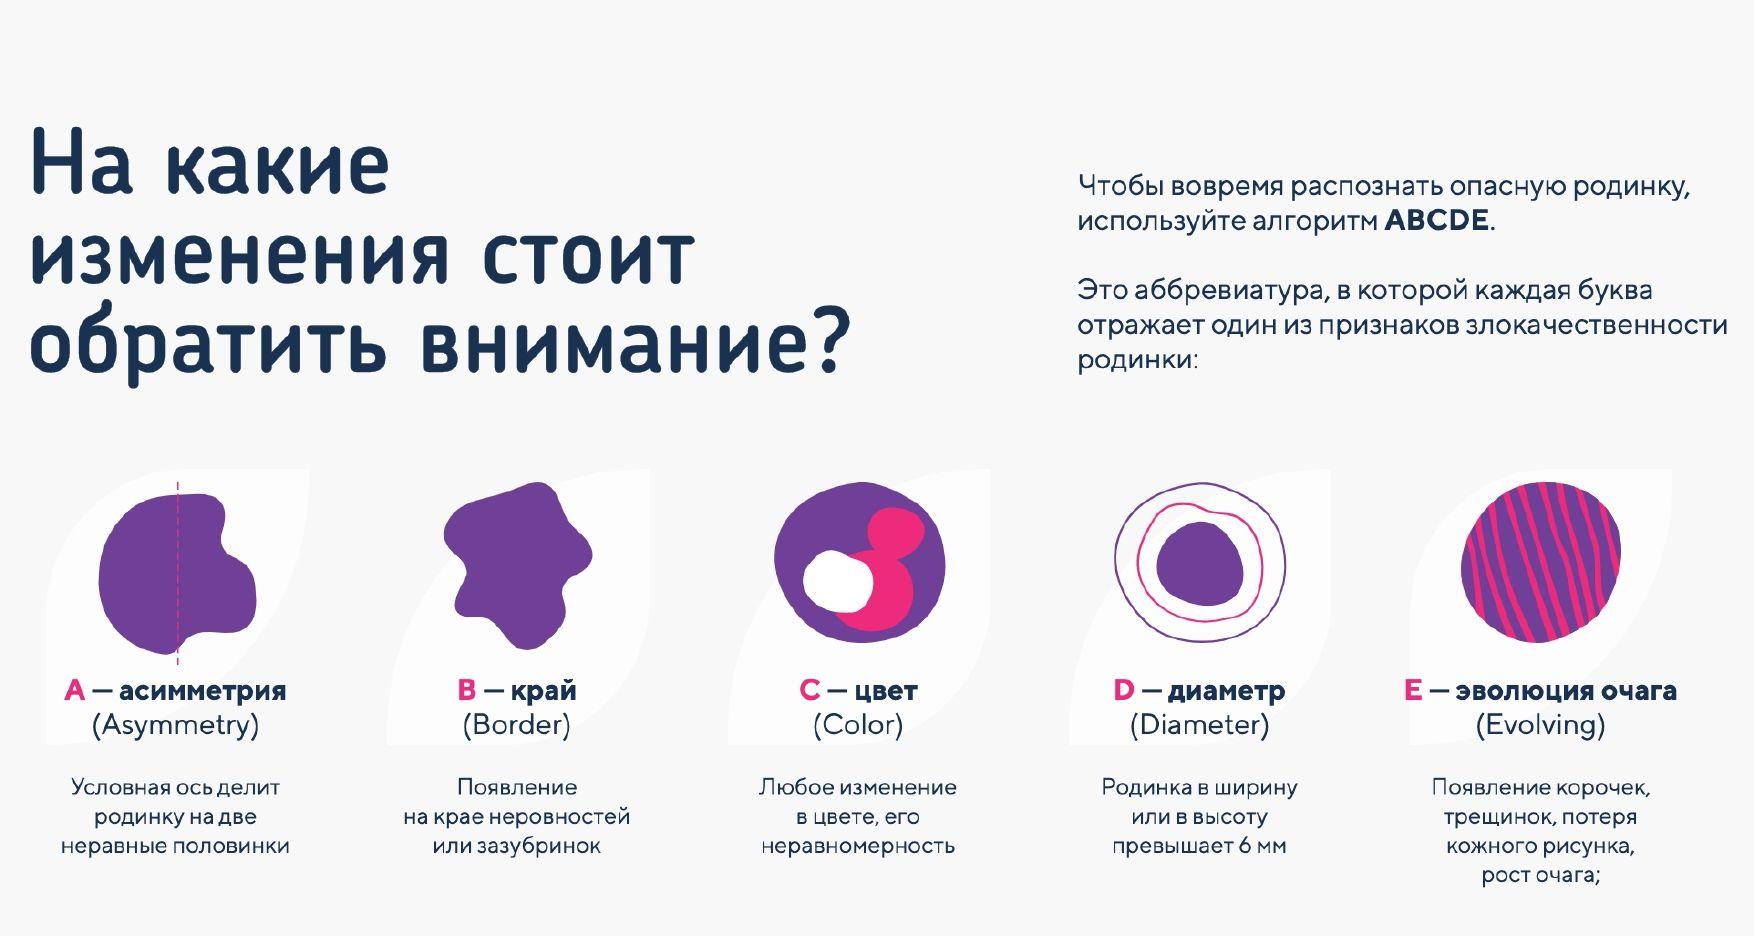 Как оценить родинку по методу ABCDE © Инфографика предоставлена пресс-службой проекта «Живи без страха»